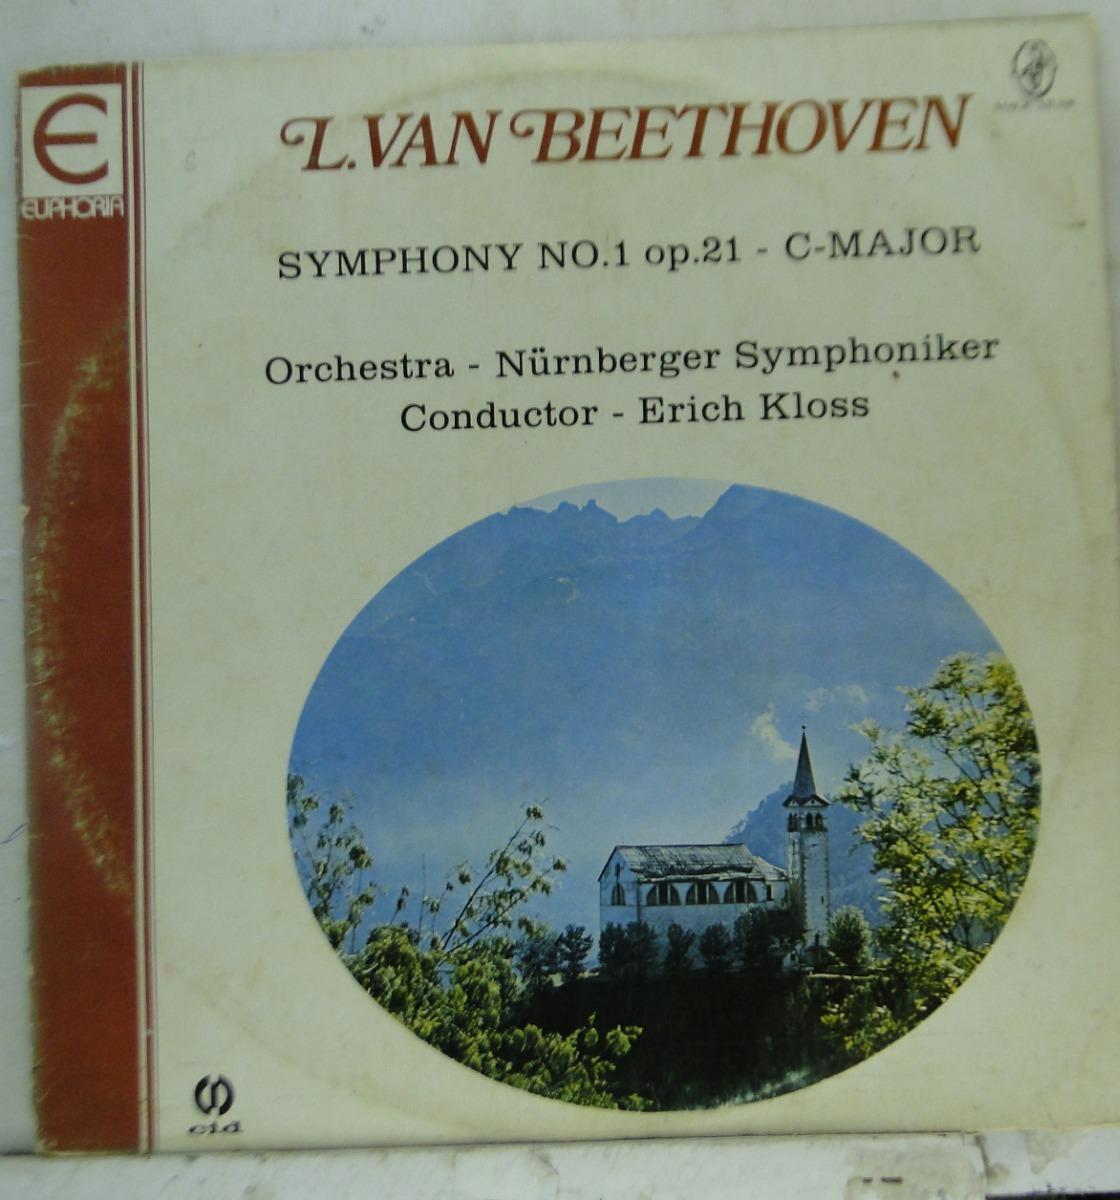 Lp L  Van Beethoven - Symphony No 1 Op 21 - C-major - Li016